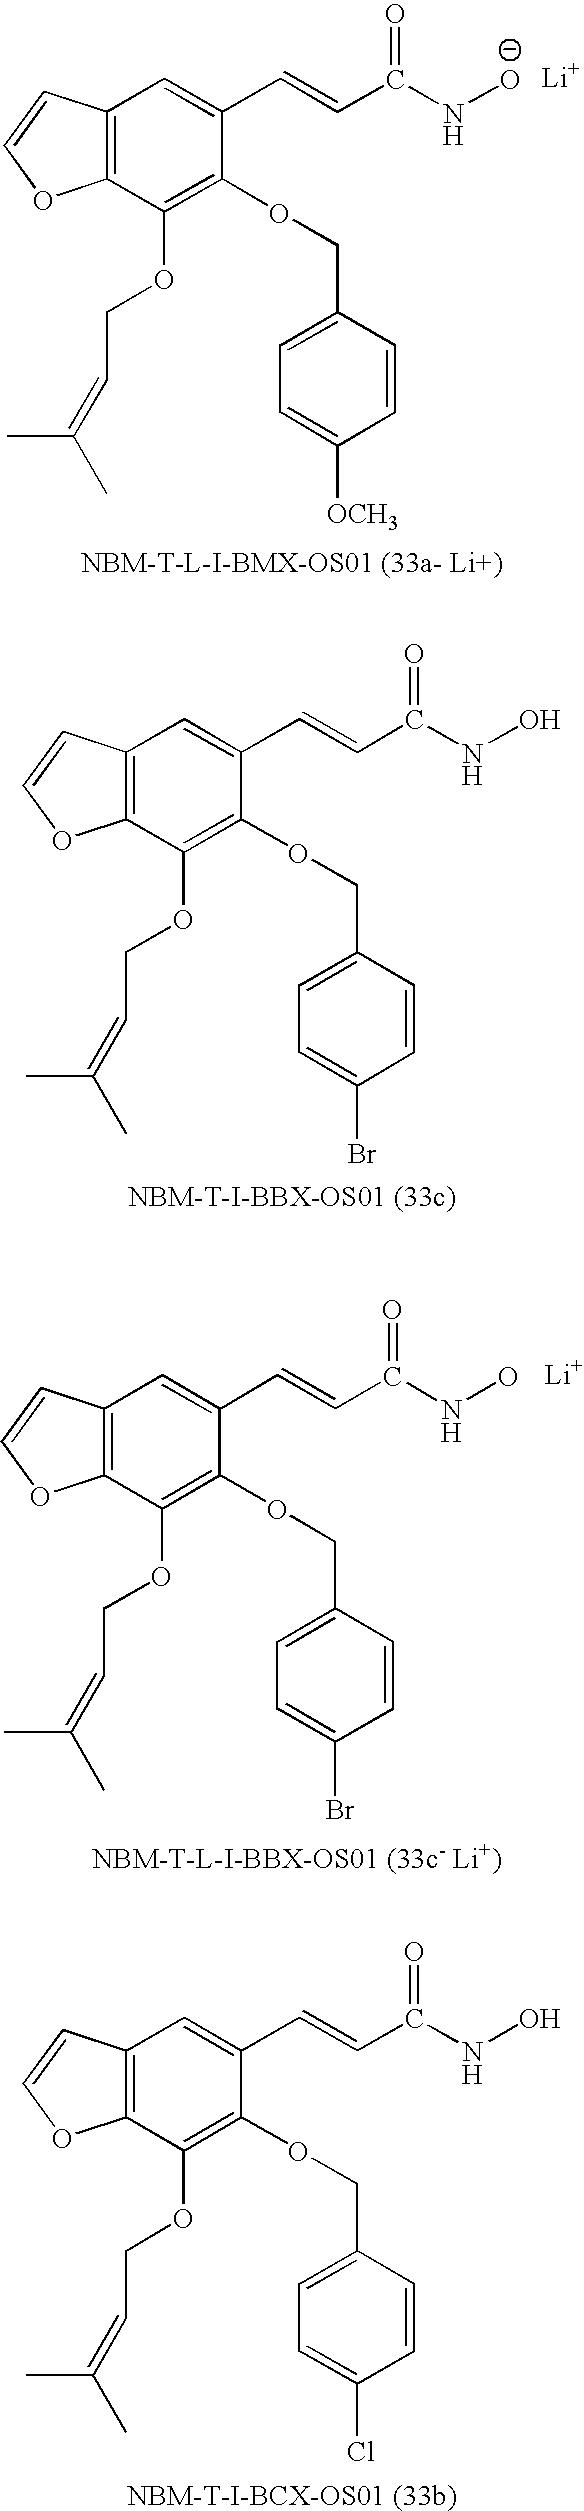 Figure US07994357-20110809-C00011